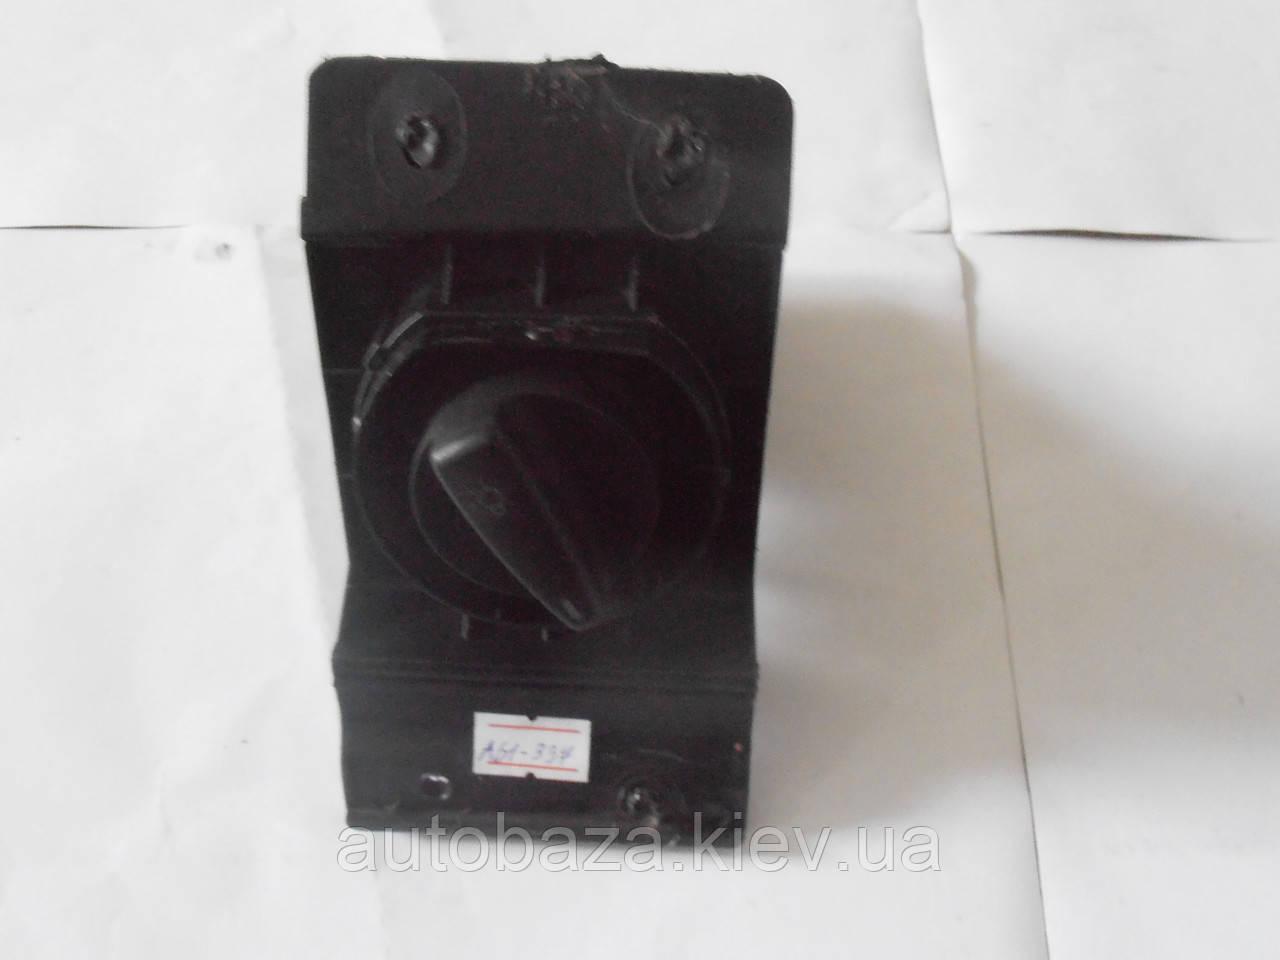 Переключатель света с регулятором подсветки панели приборов  A15-3772150 - AutoBaza Автозапчасти и аксесуары в Виннице